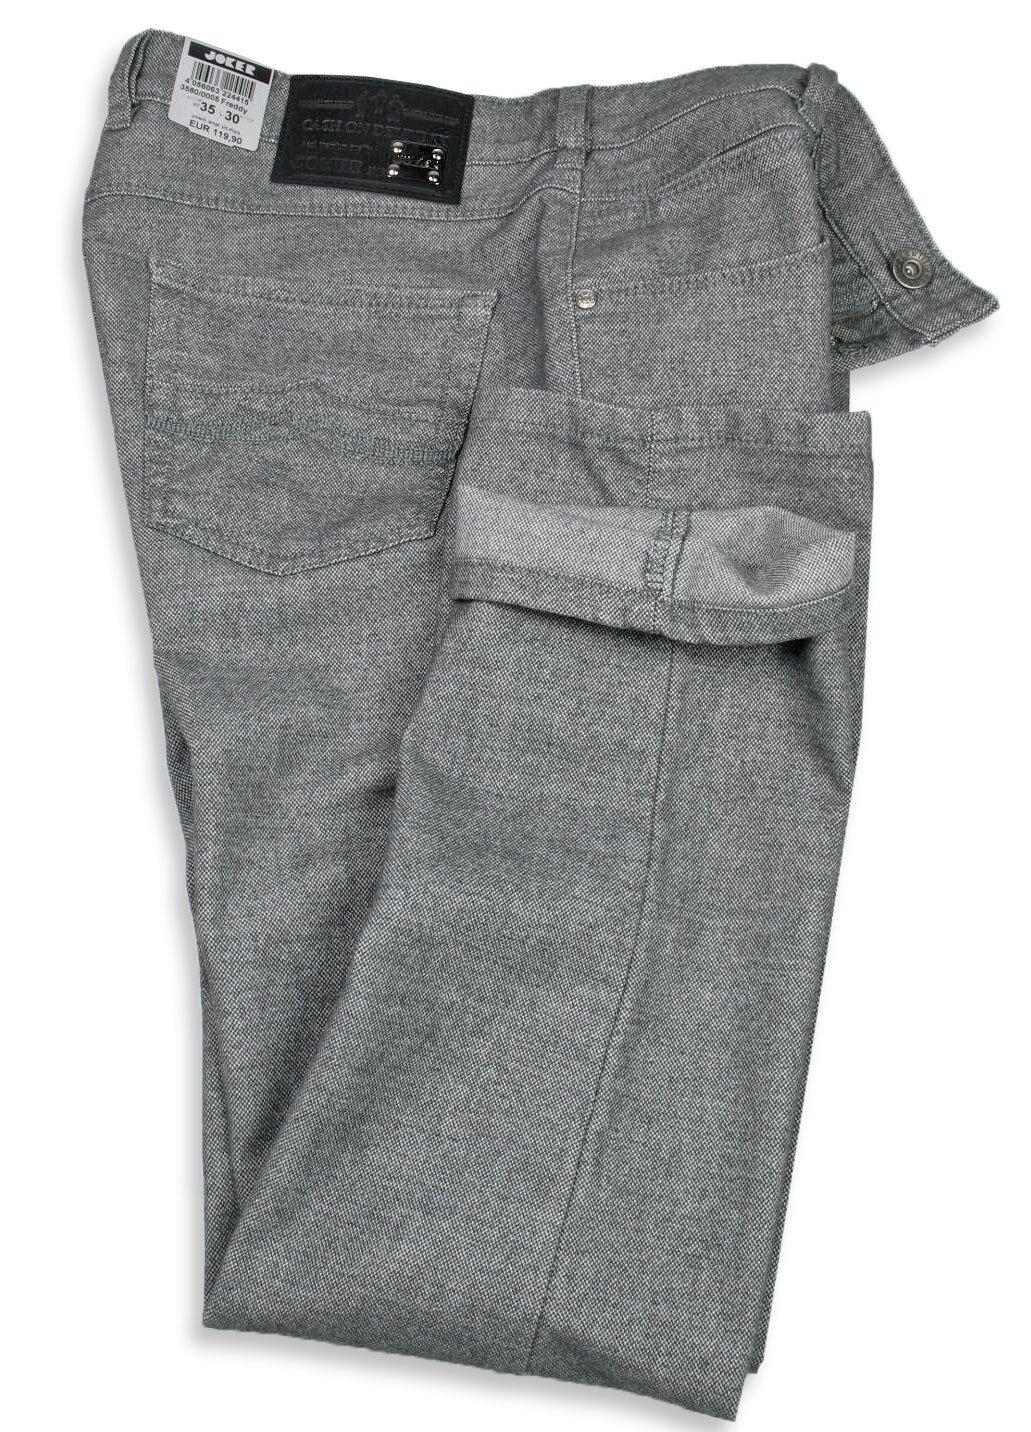 Nouvelle génération, dy nouveau choix Joker Jeans FRouge dy génération, (Coupe Droite) Mélange Gris 3580/0005 Tweed Coton d7aae3